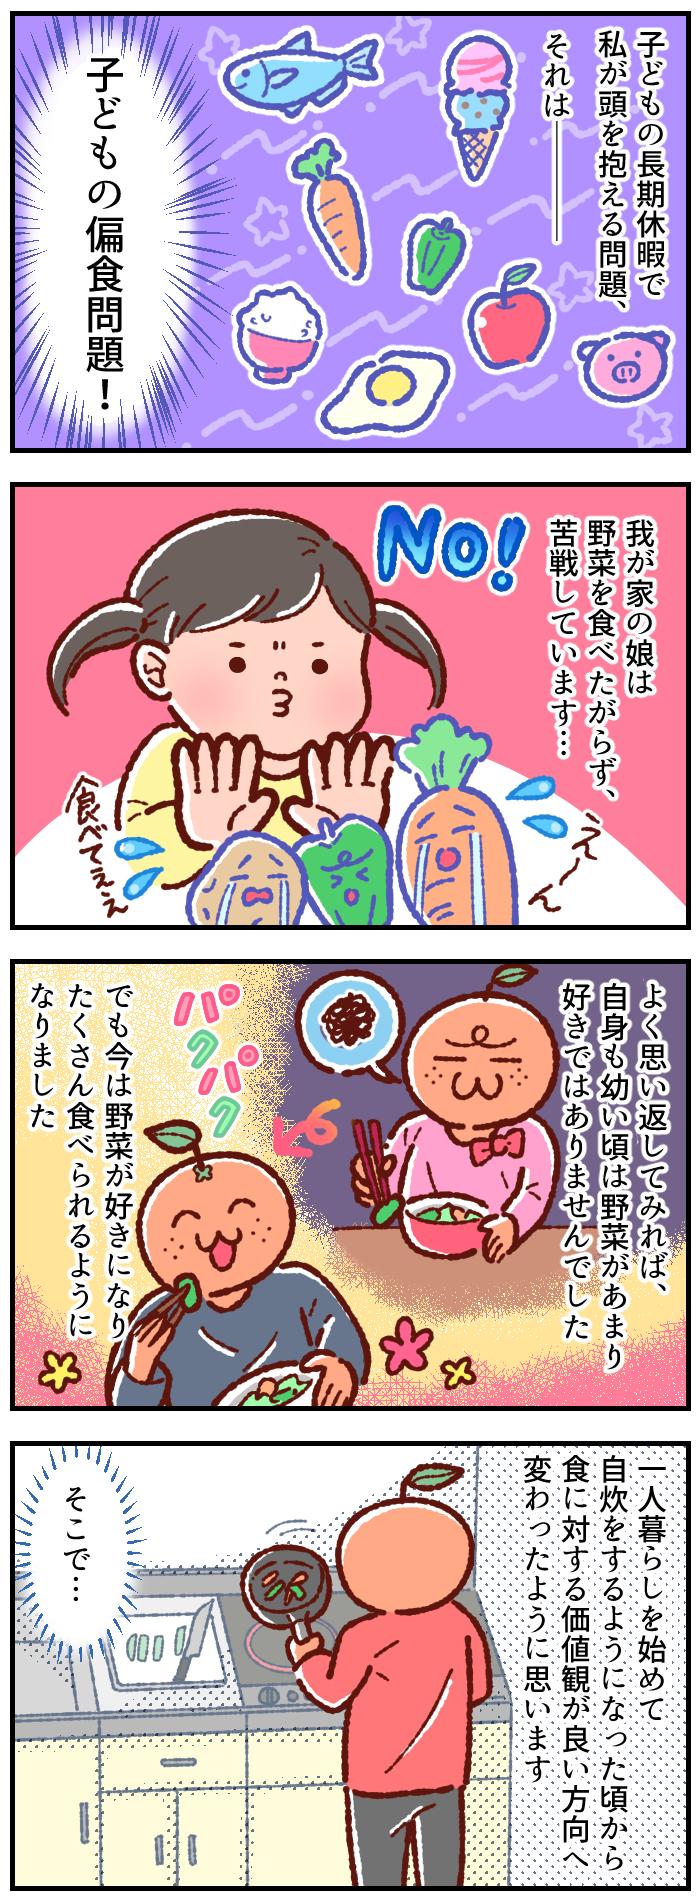 「野菜を食べて!」のセリフは効かず…。子どもの偏食問題と、楽しく付き合う方法って?の画像1